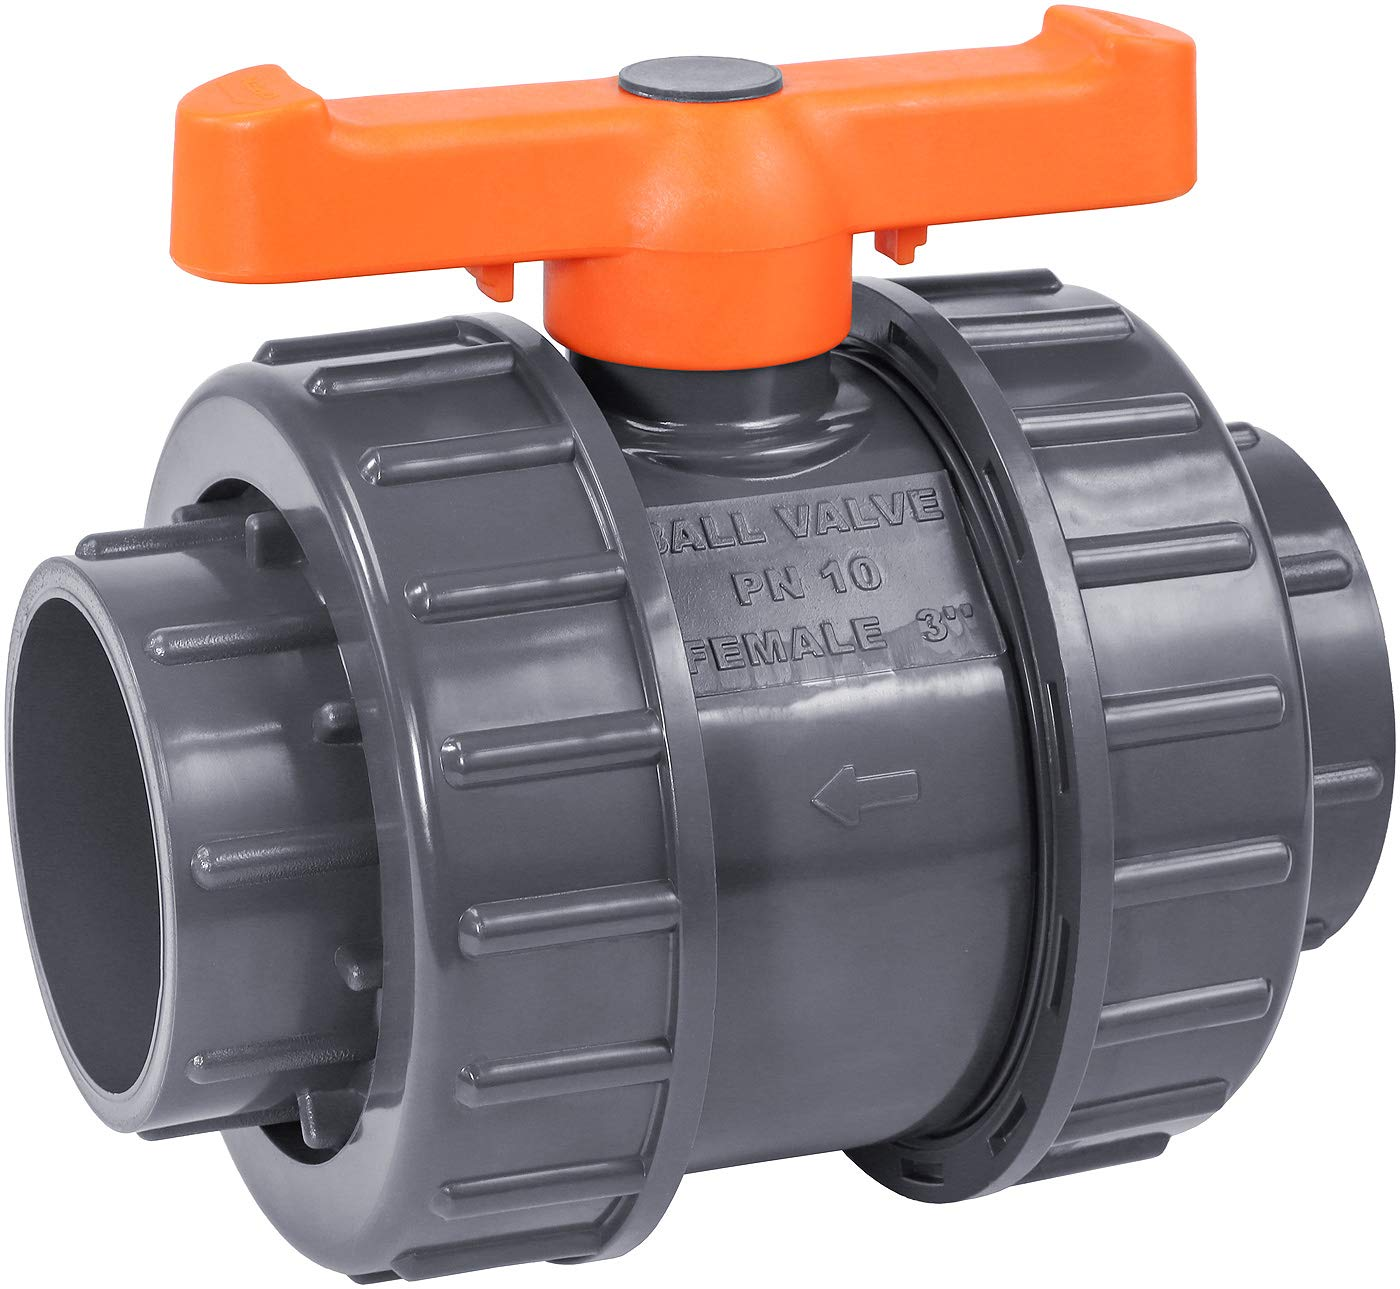 IrrigationKing RKBV3O Double Union PVC Award Slip Weld Deluxe Valve 3